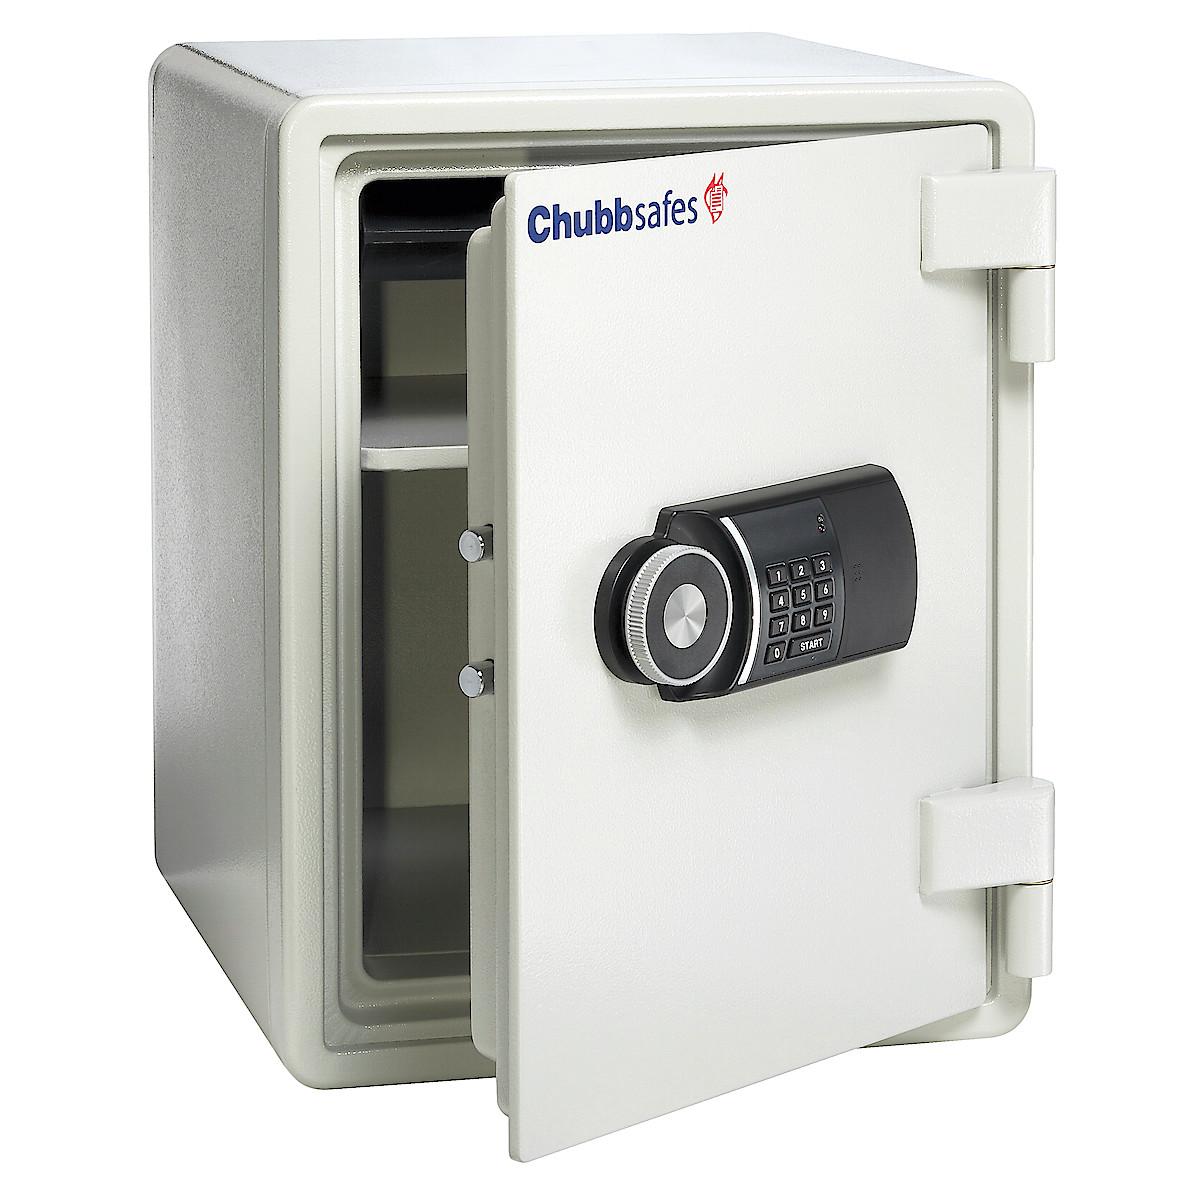 Dokumentskåp Chubbsafes Executive 40